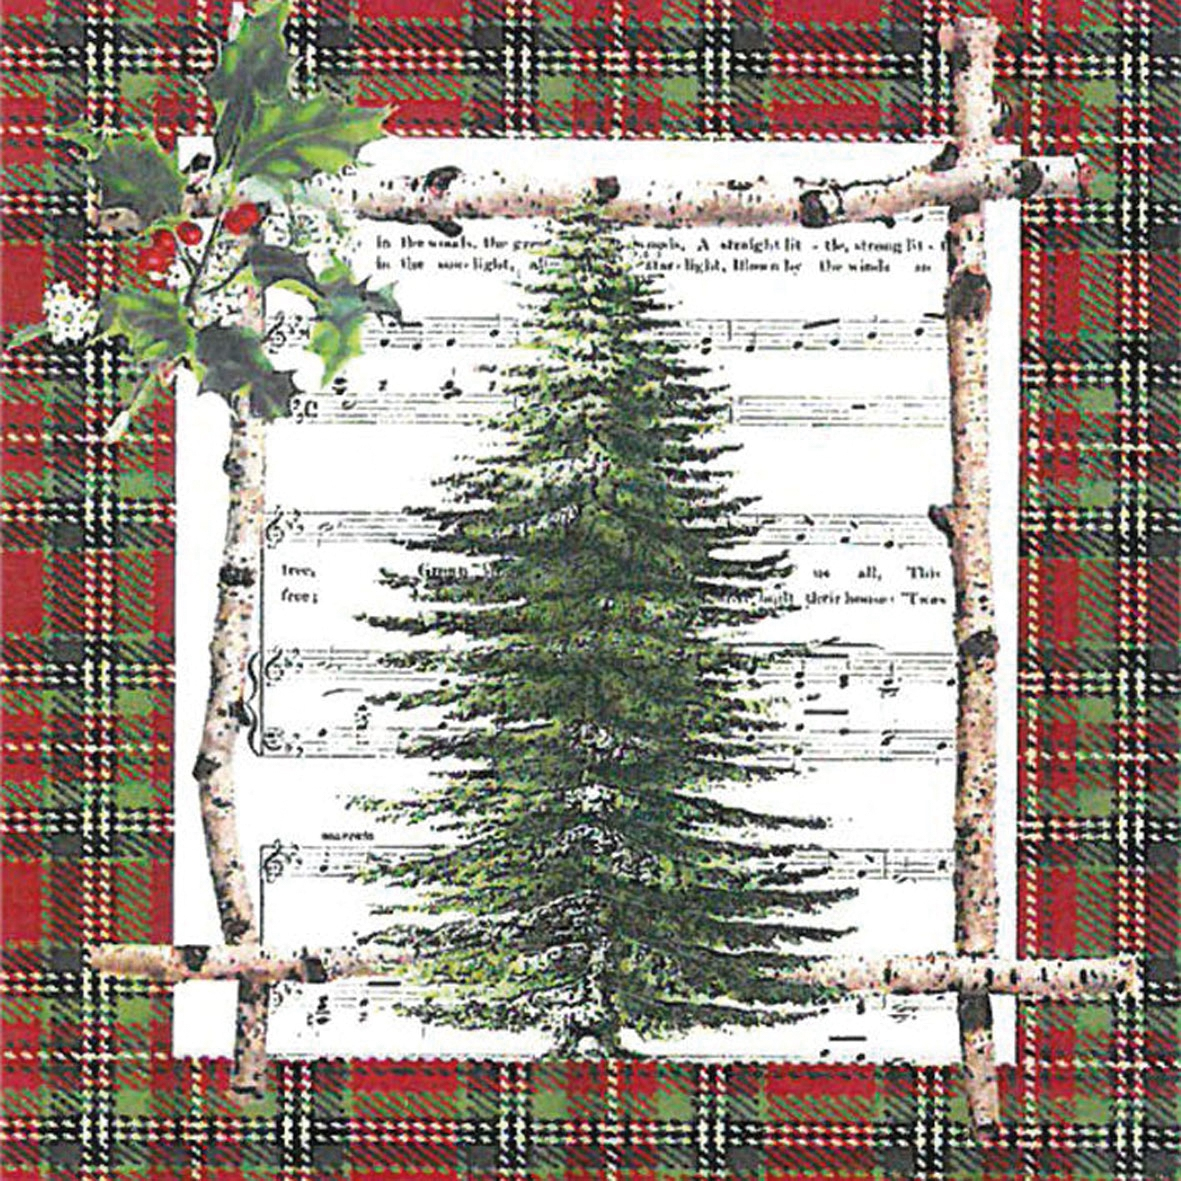 Servietten 25 x 25 cm,  Weihnachten - Weihnachtsbaum,  Weihnachten,  cocktail servietten,  Weihnachtsbaum